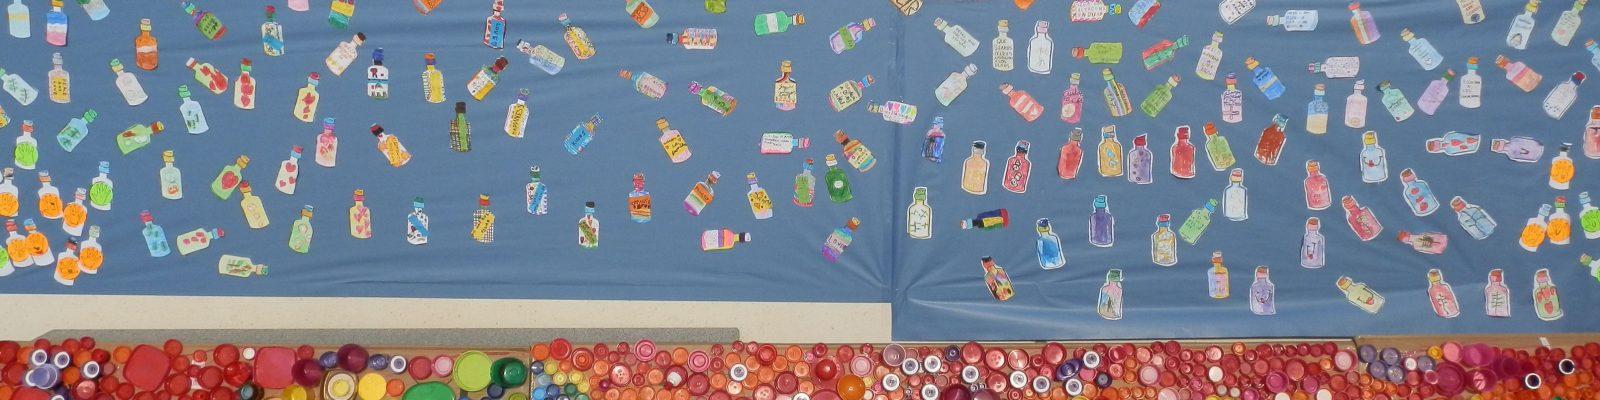 Programa Educativo para la Prevención y Reciclaje de Residuos